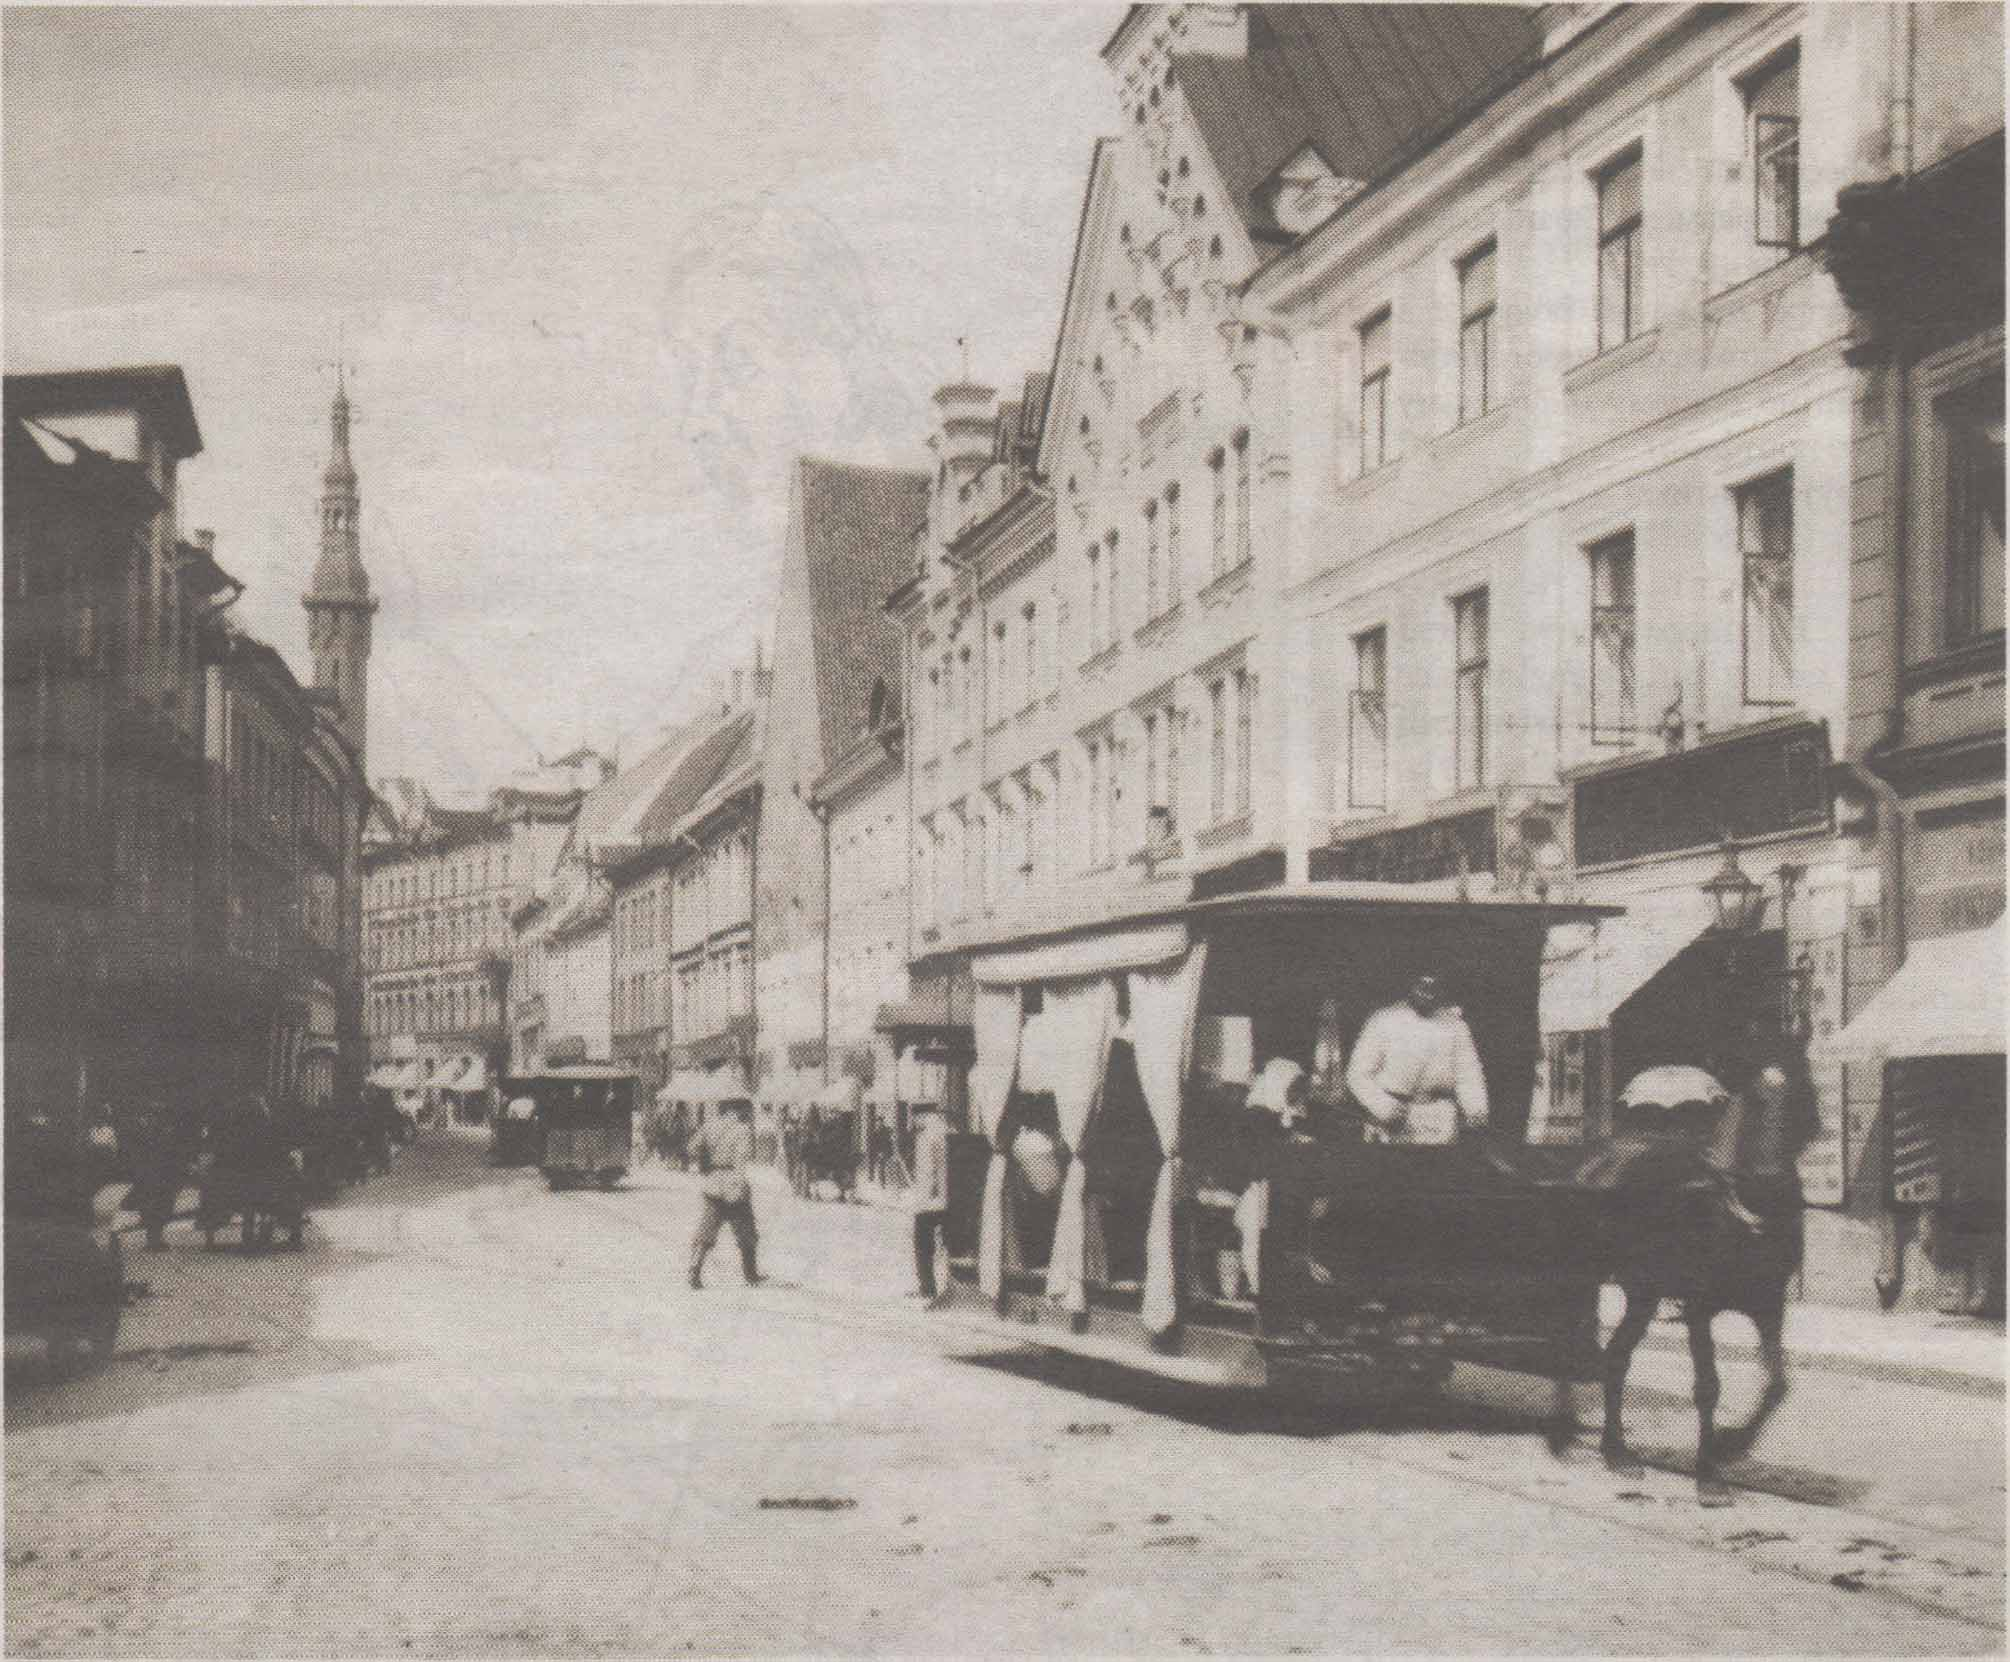 По Виру конка ходила долгие тридцать лет, а вот на другие улицы Старого города трамвай так и не допустили.